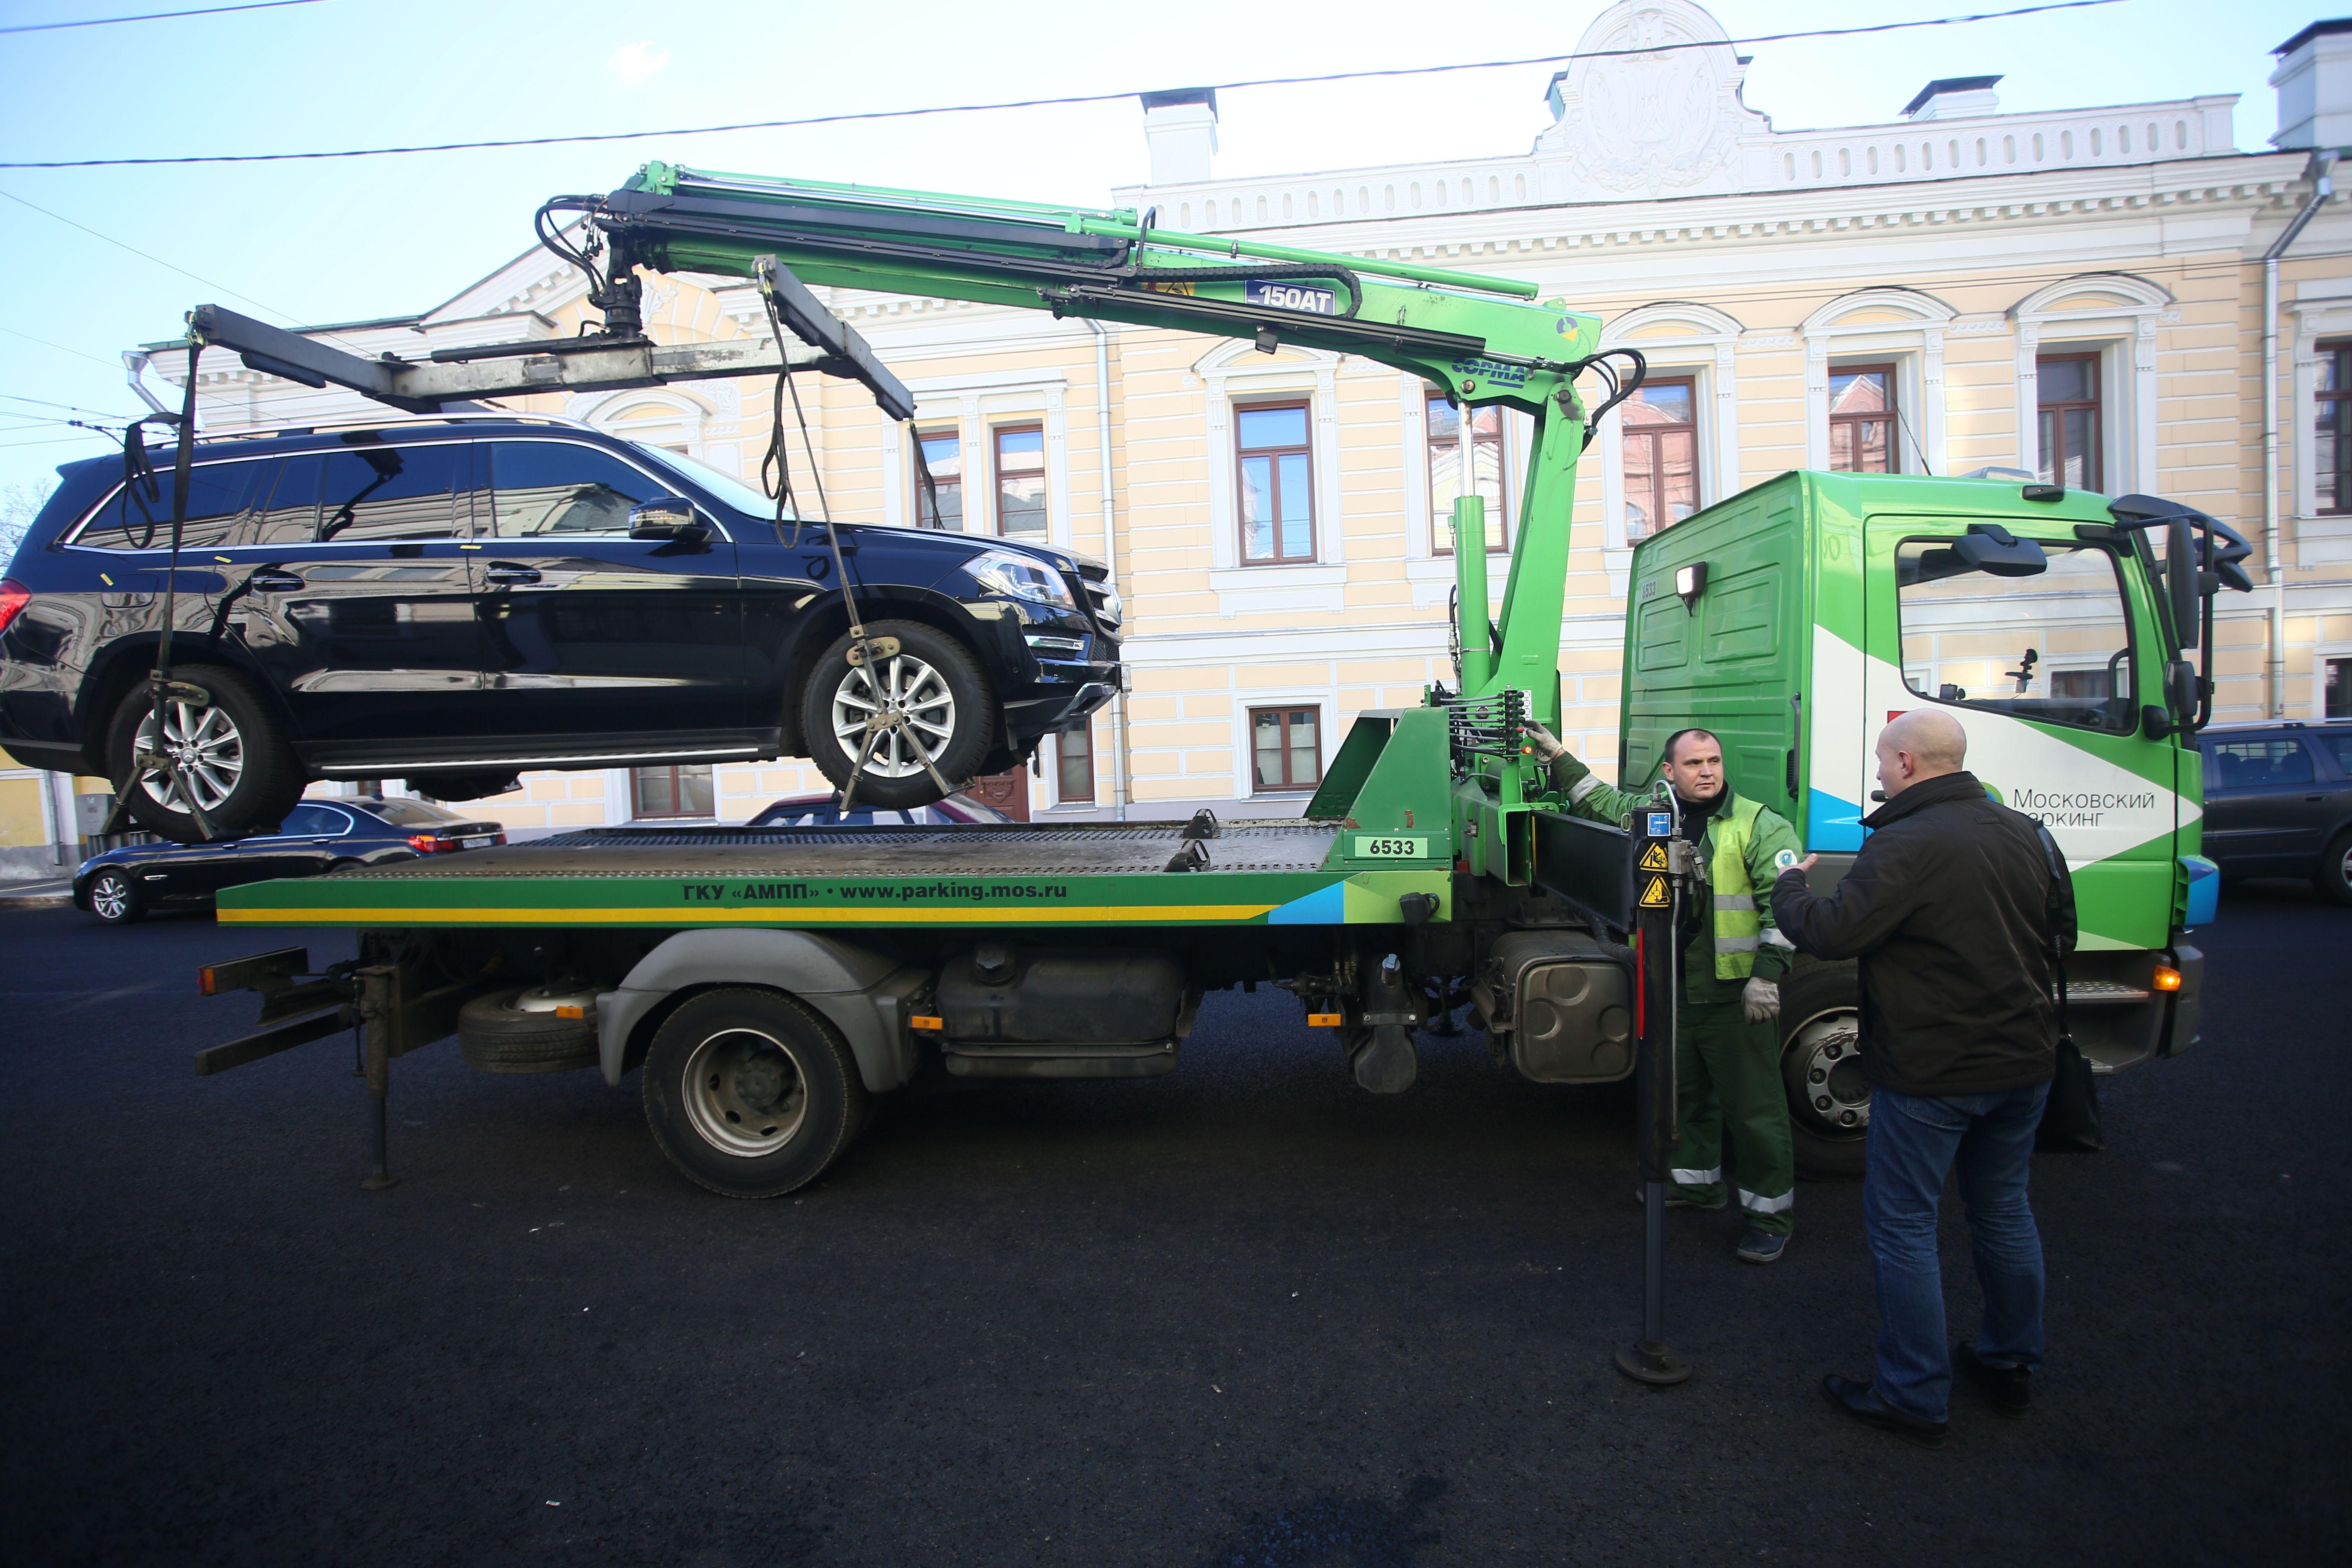 Главной ошибкой москвичей при оплате парковки назвали невнимательность